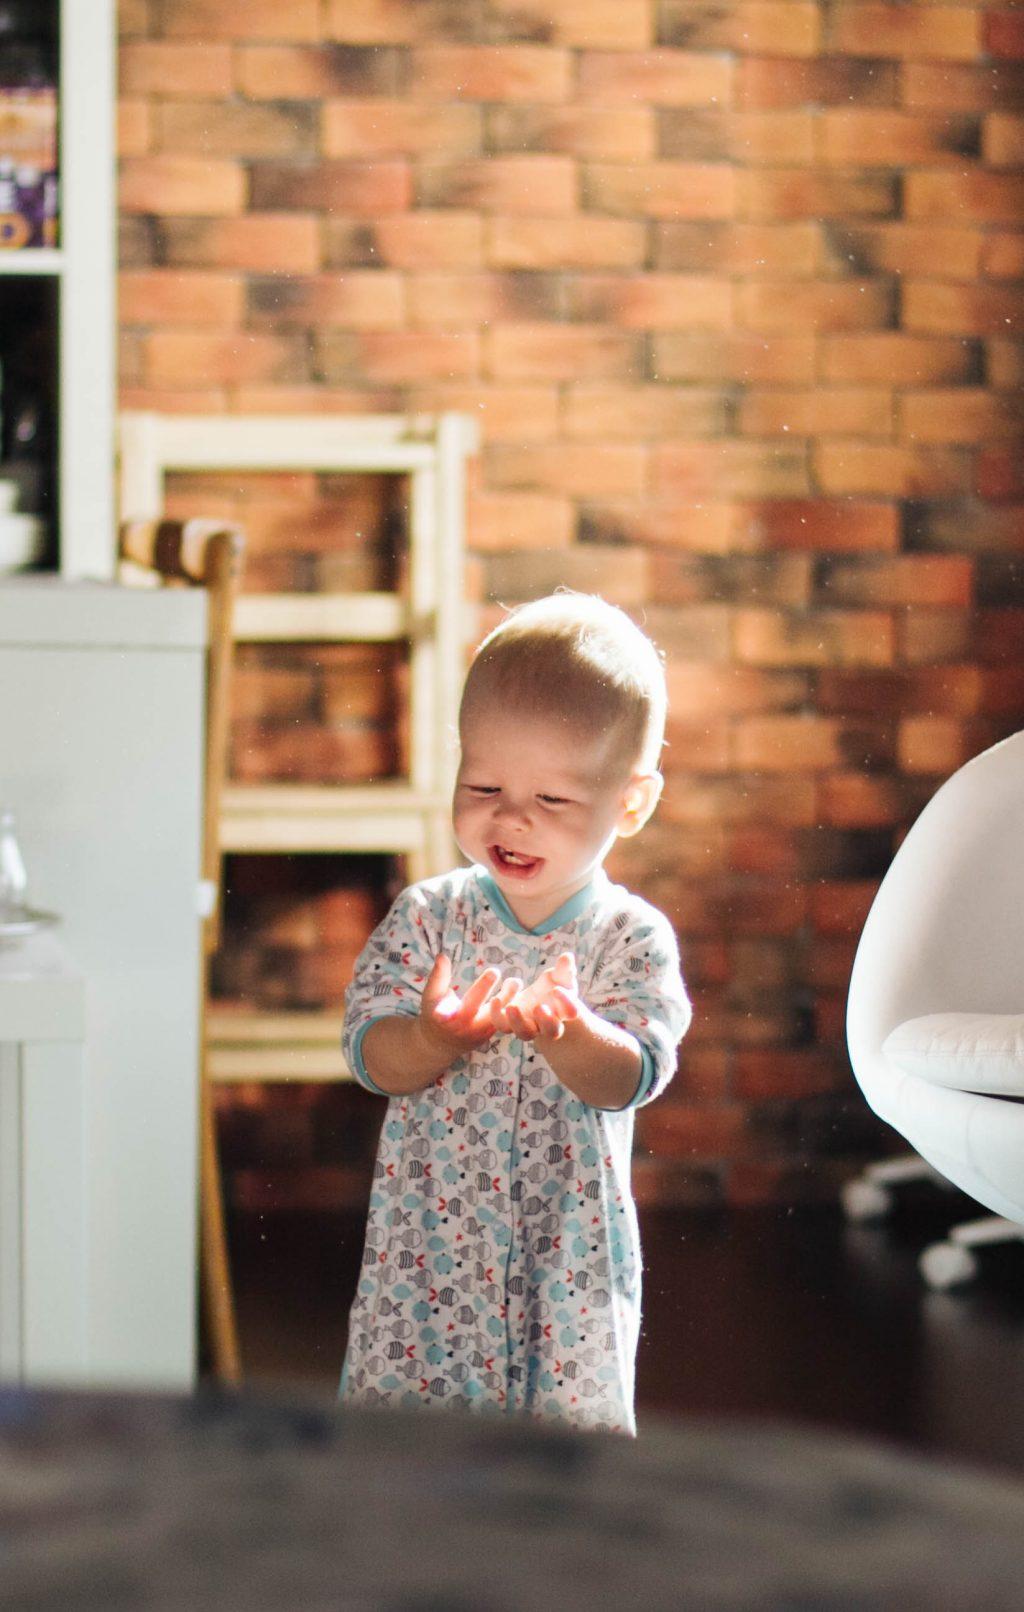 Матвей играет с солнечными лучиками